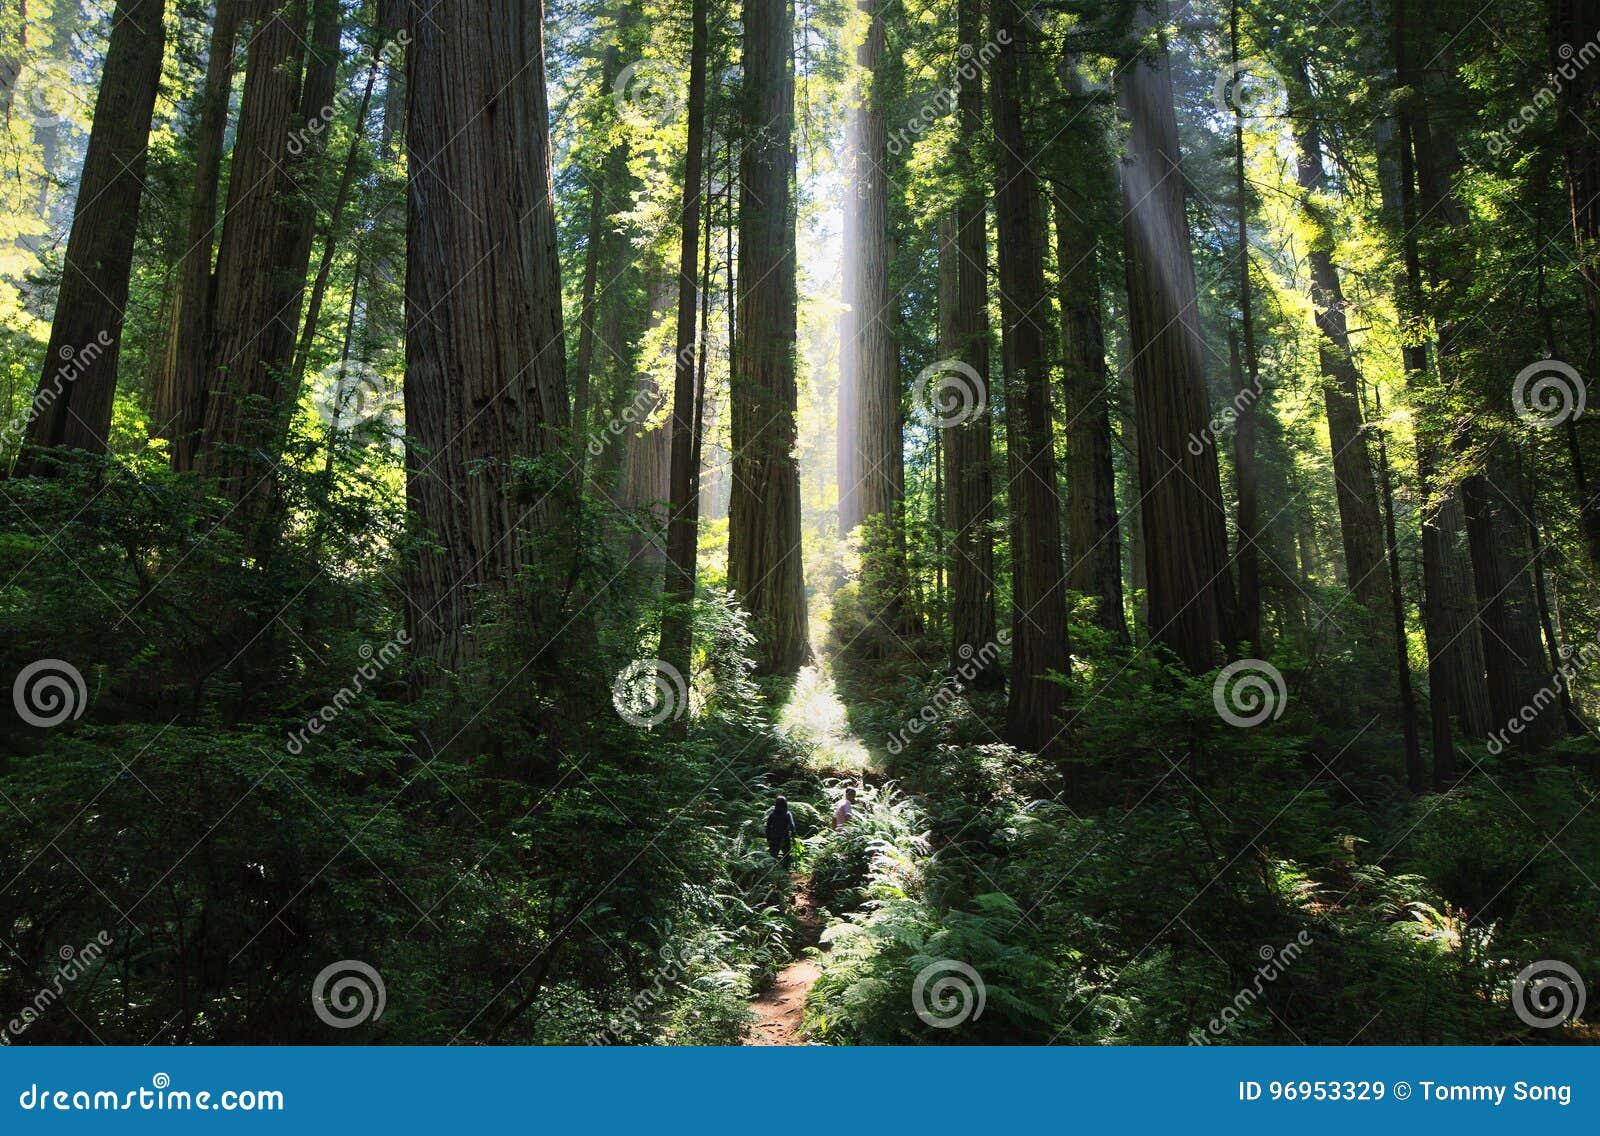 Rayons de soleil dans une forêt magnifique de séquoia